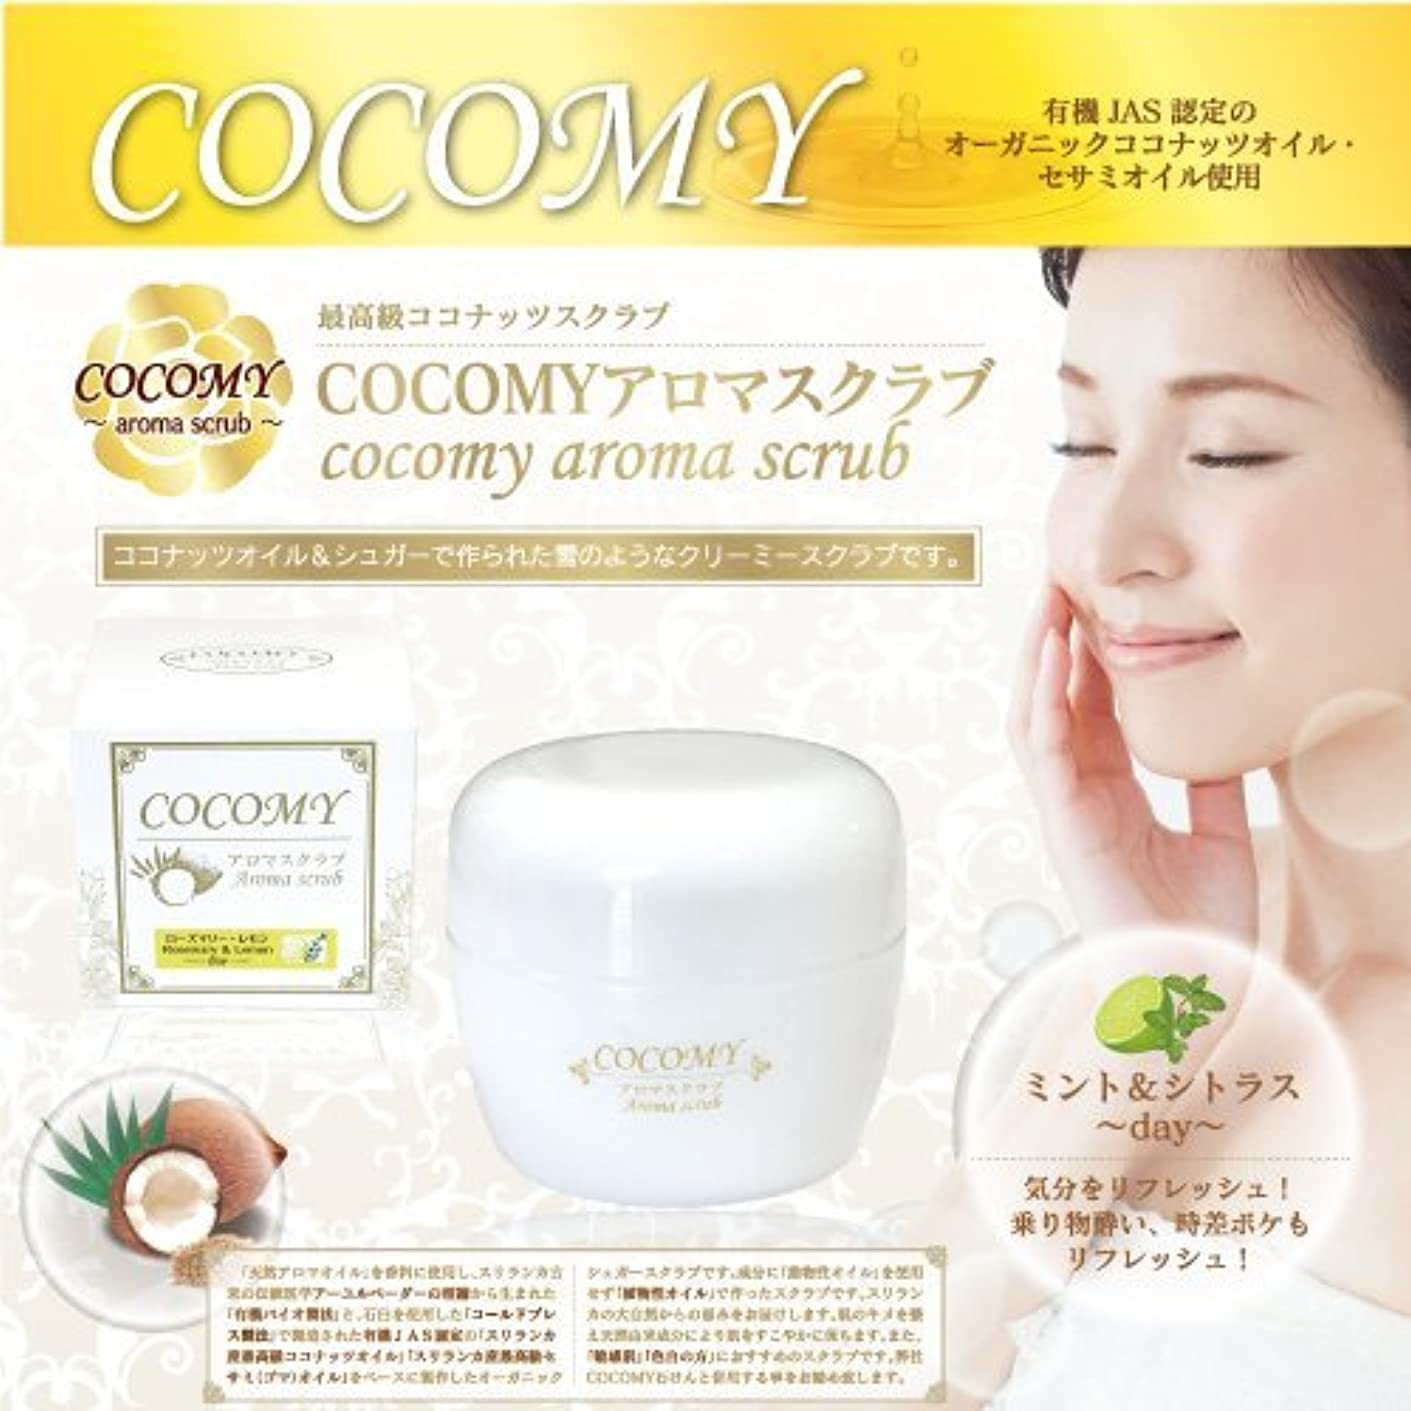 グリット熱意ホットCOCOMY aromaスクラブ (ミント&シトラス) 120g